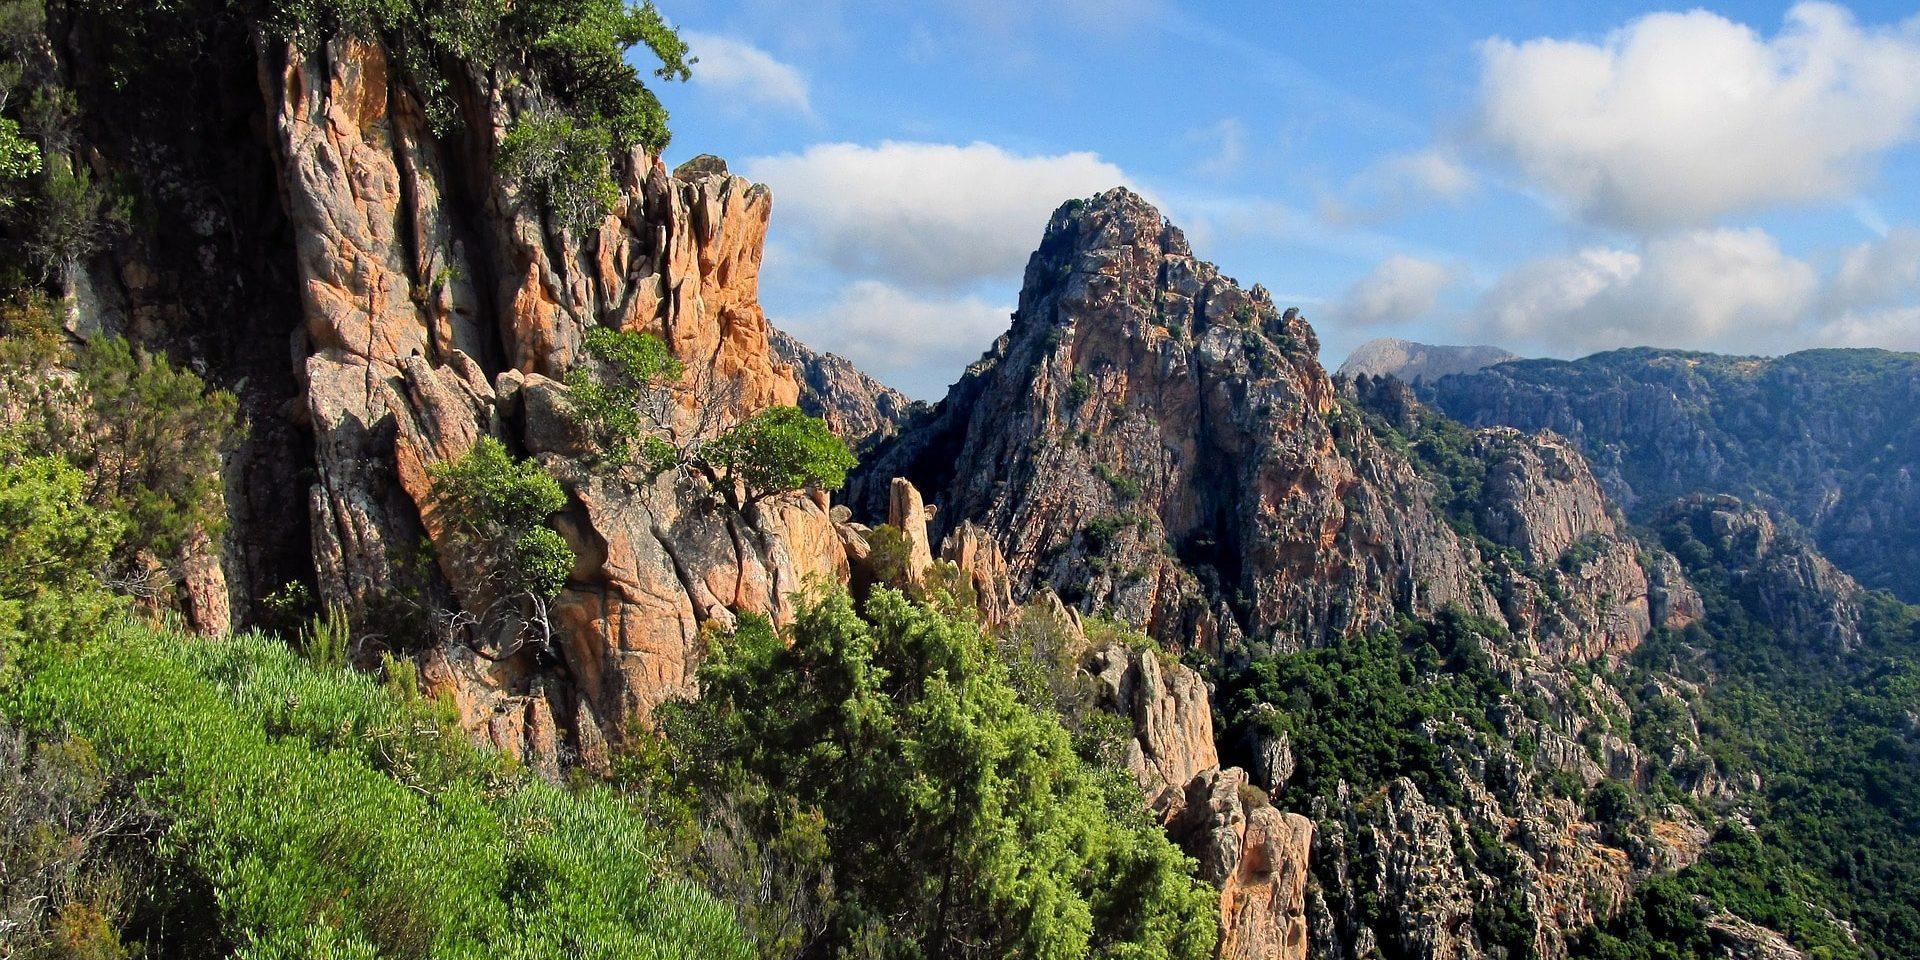 Calanques de Piana Corsica Frankrijk calanches bergen rotsen maquis bomen